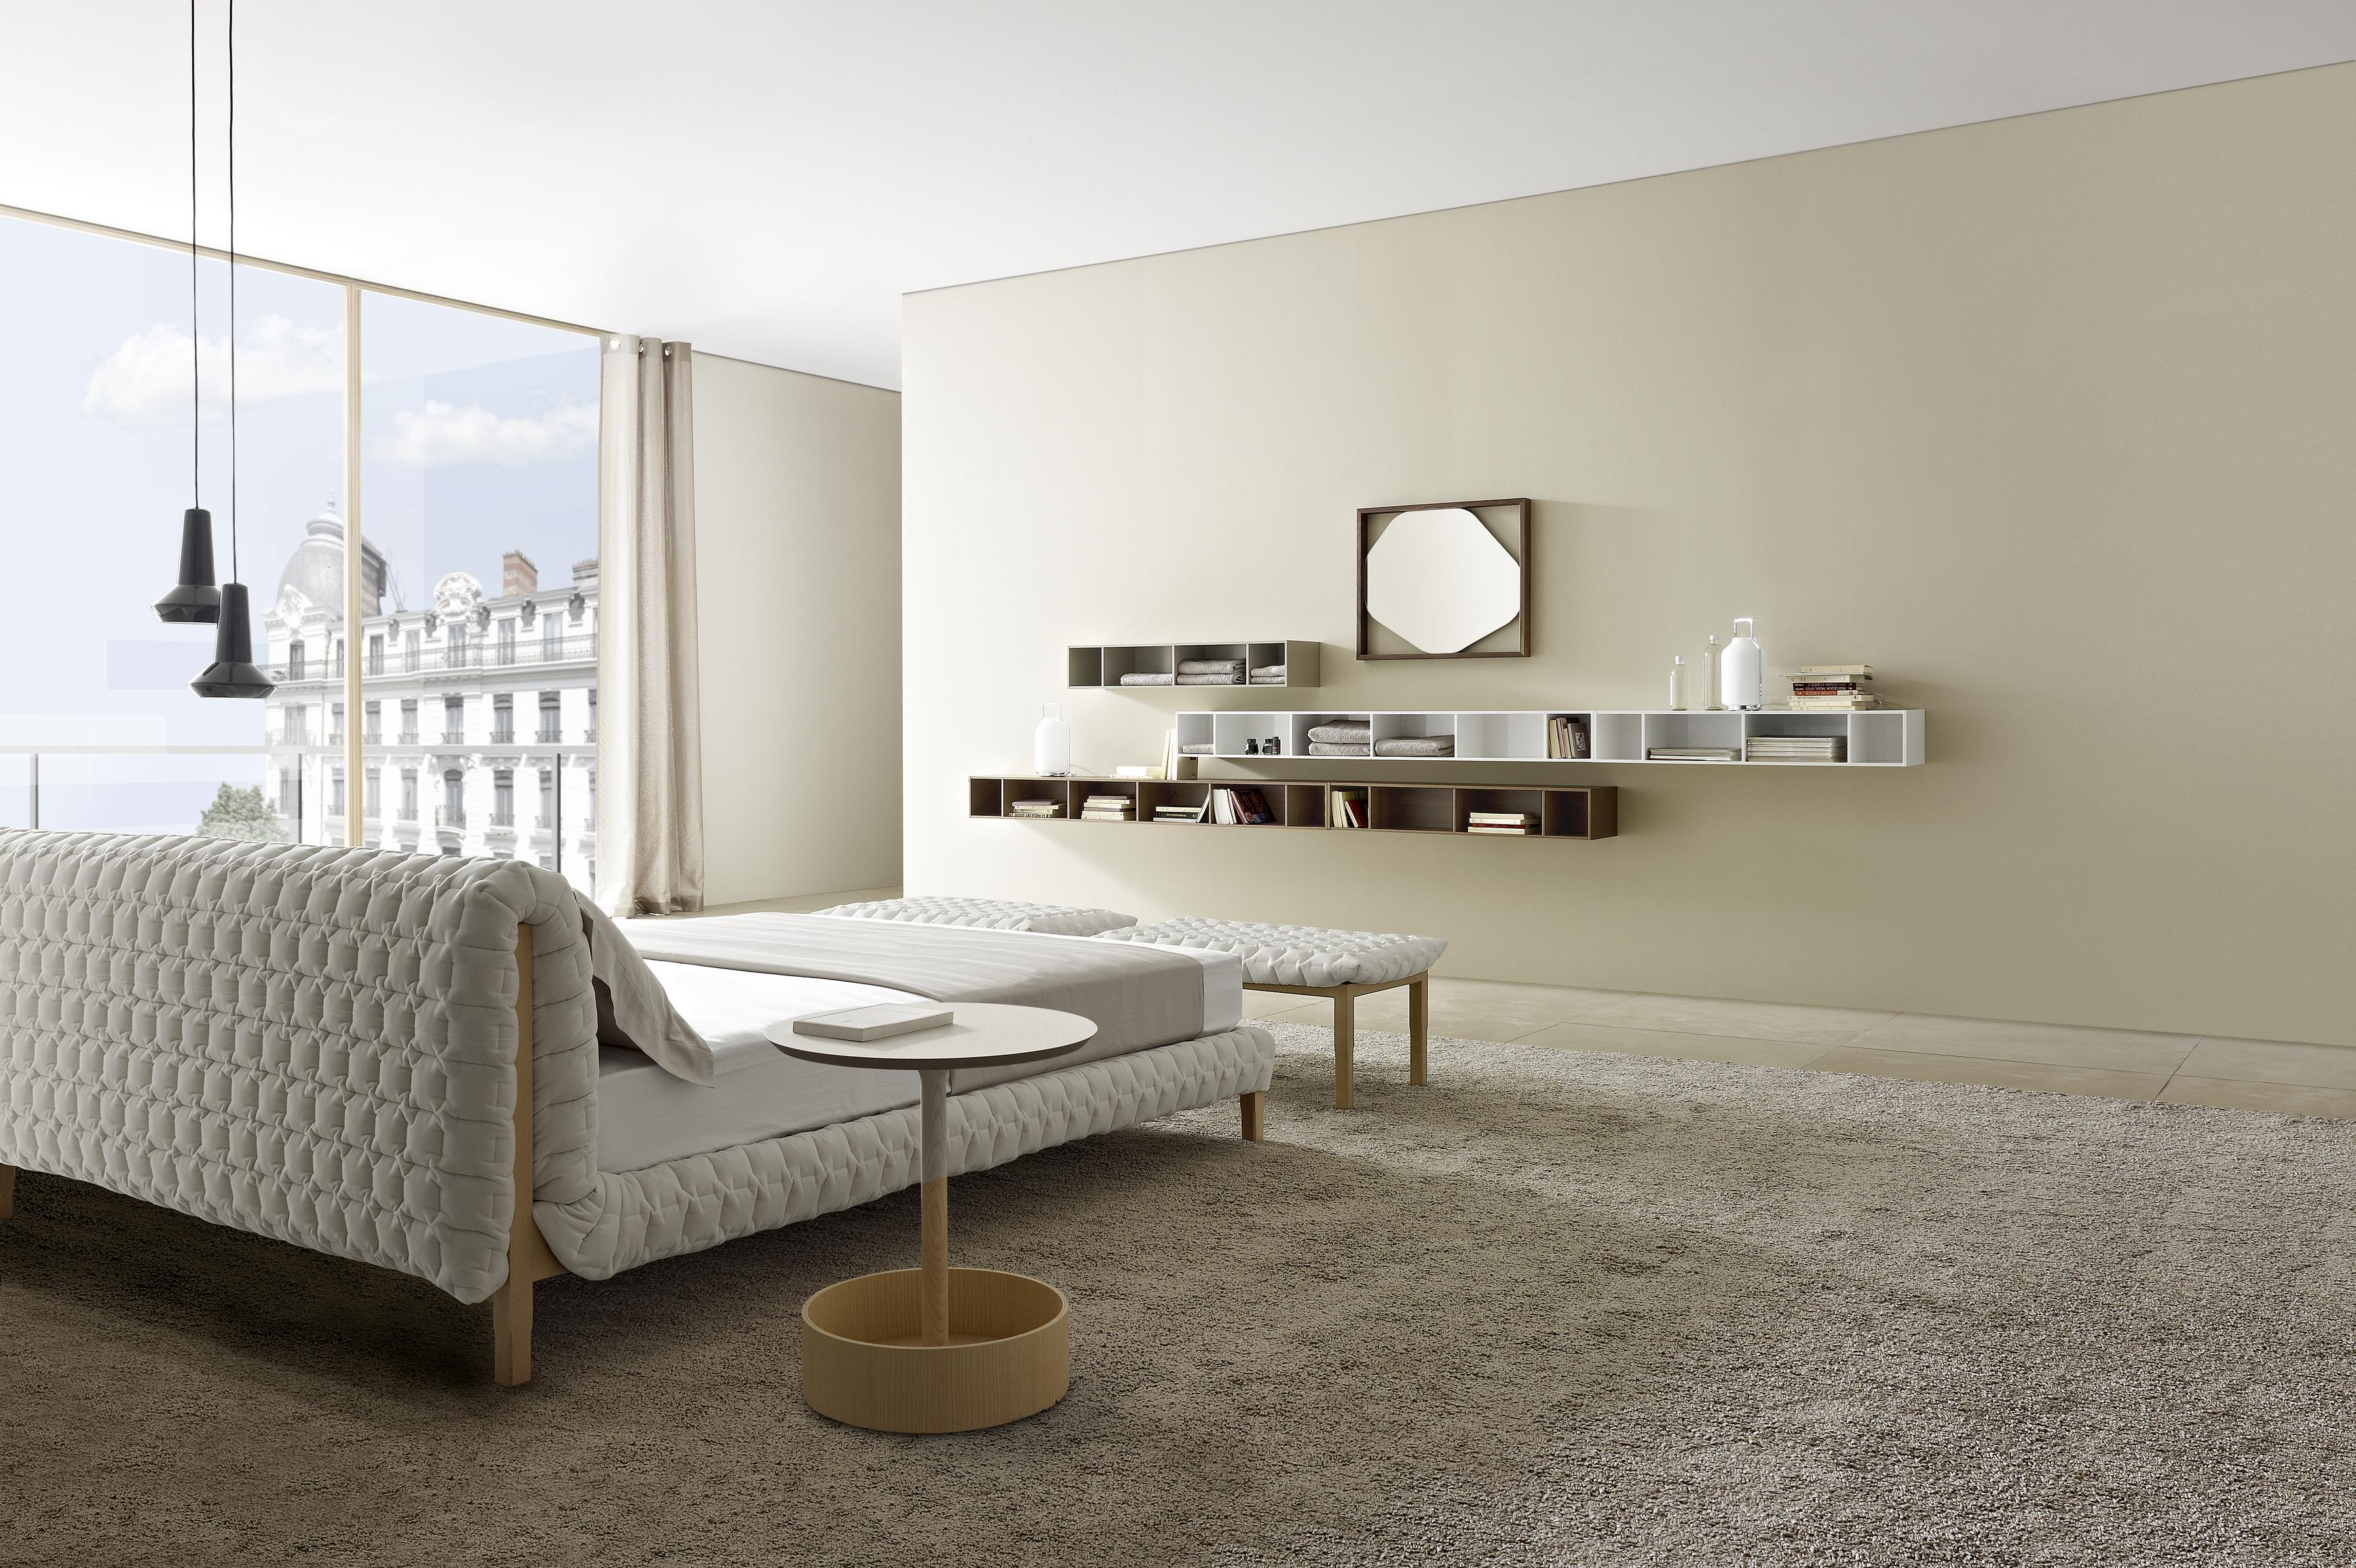 Ruch beds from designer inga semp ligne roset for Salon ligne roset